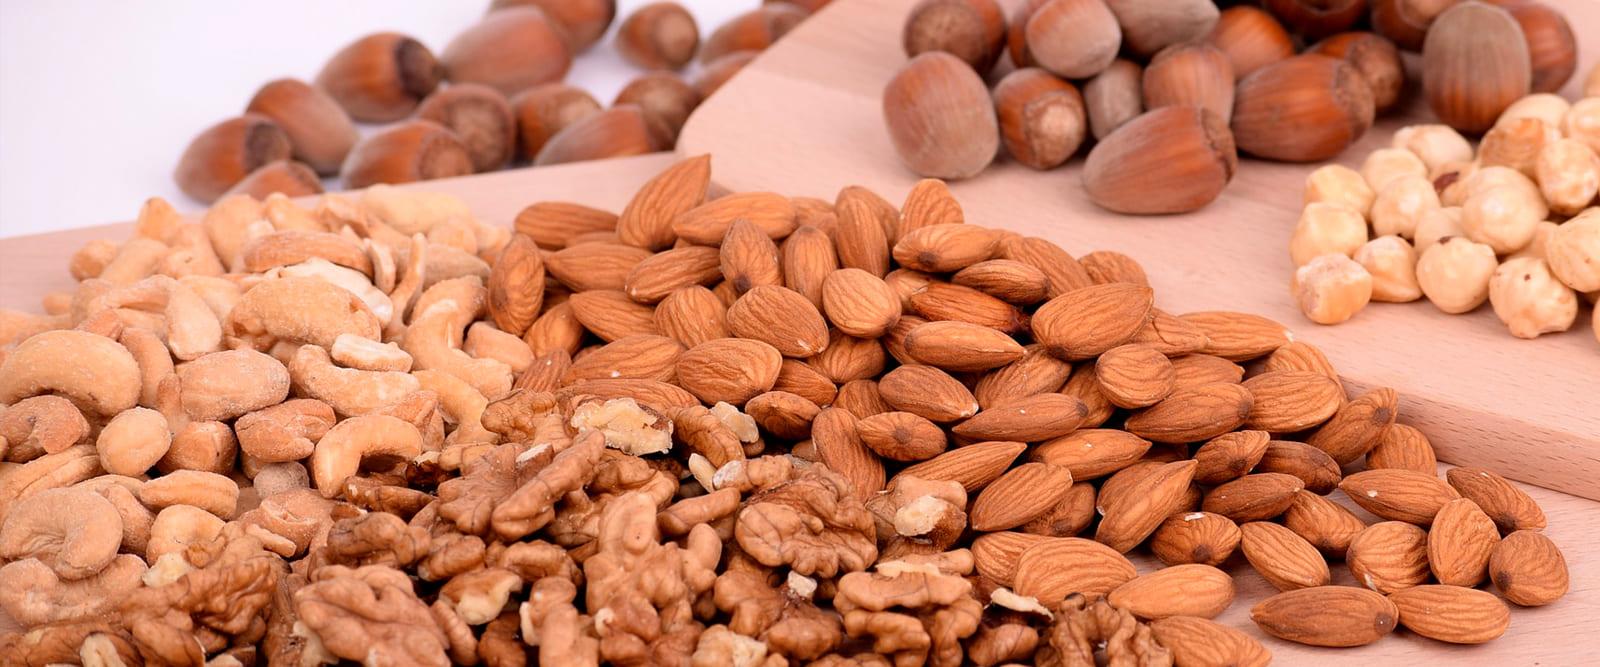 Argan Nut Plant Sterols